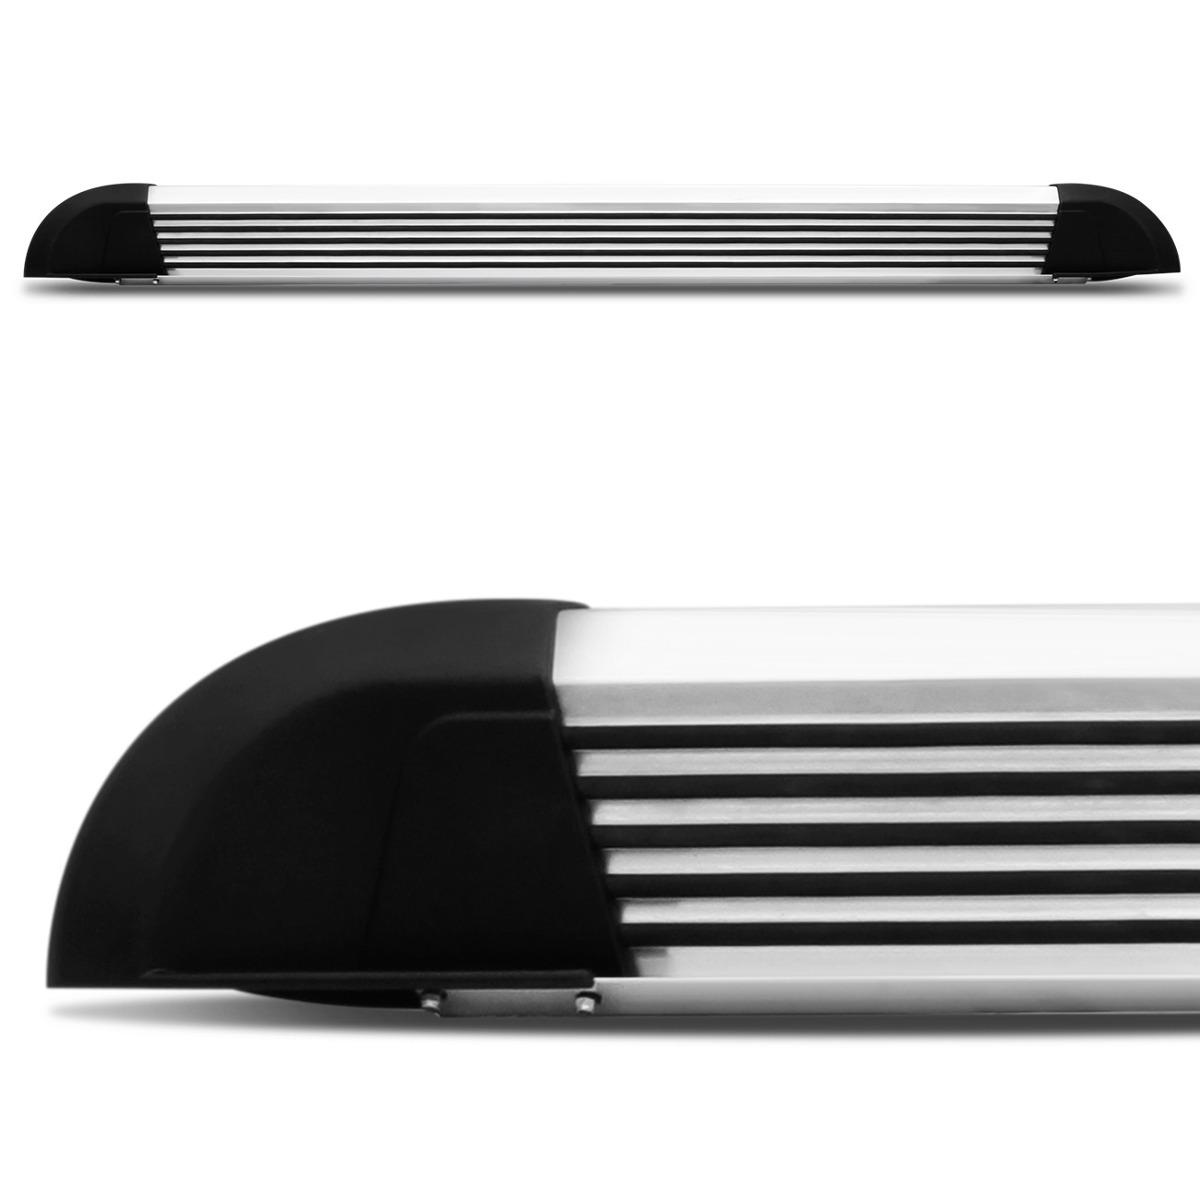 Estribo aluminio modelo g2 - renault duster - bepo